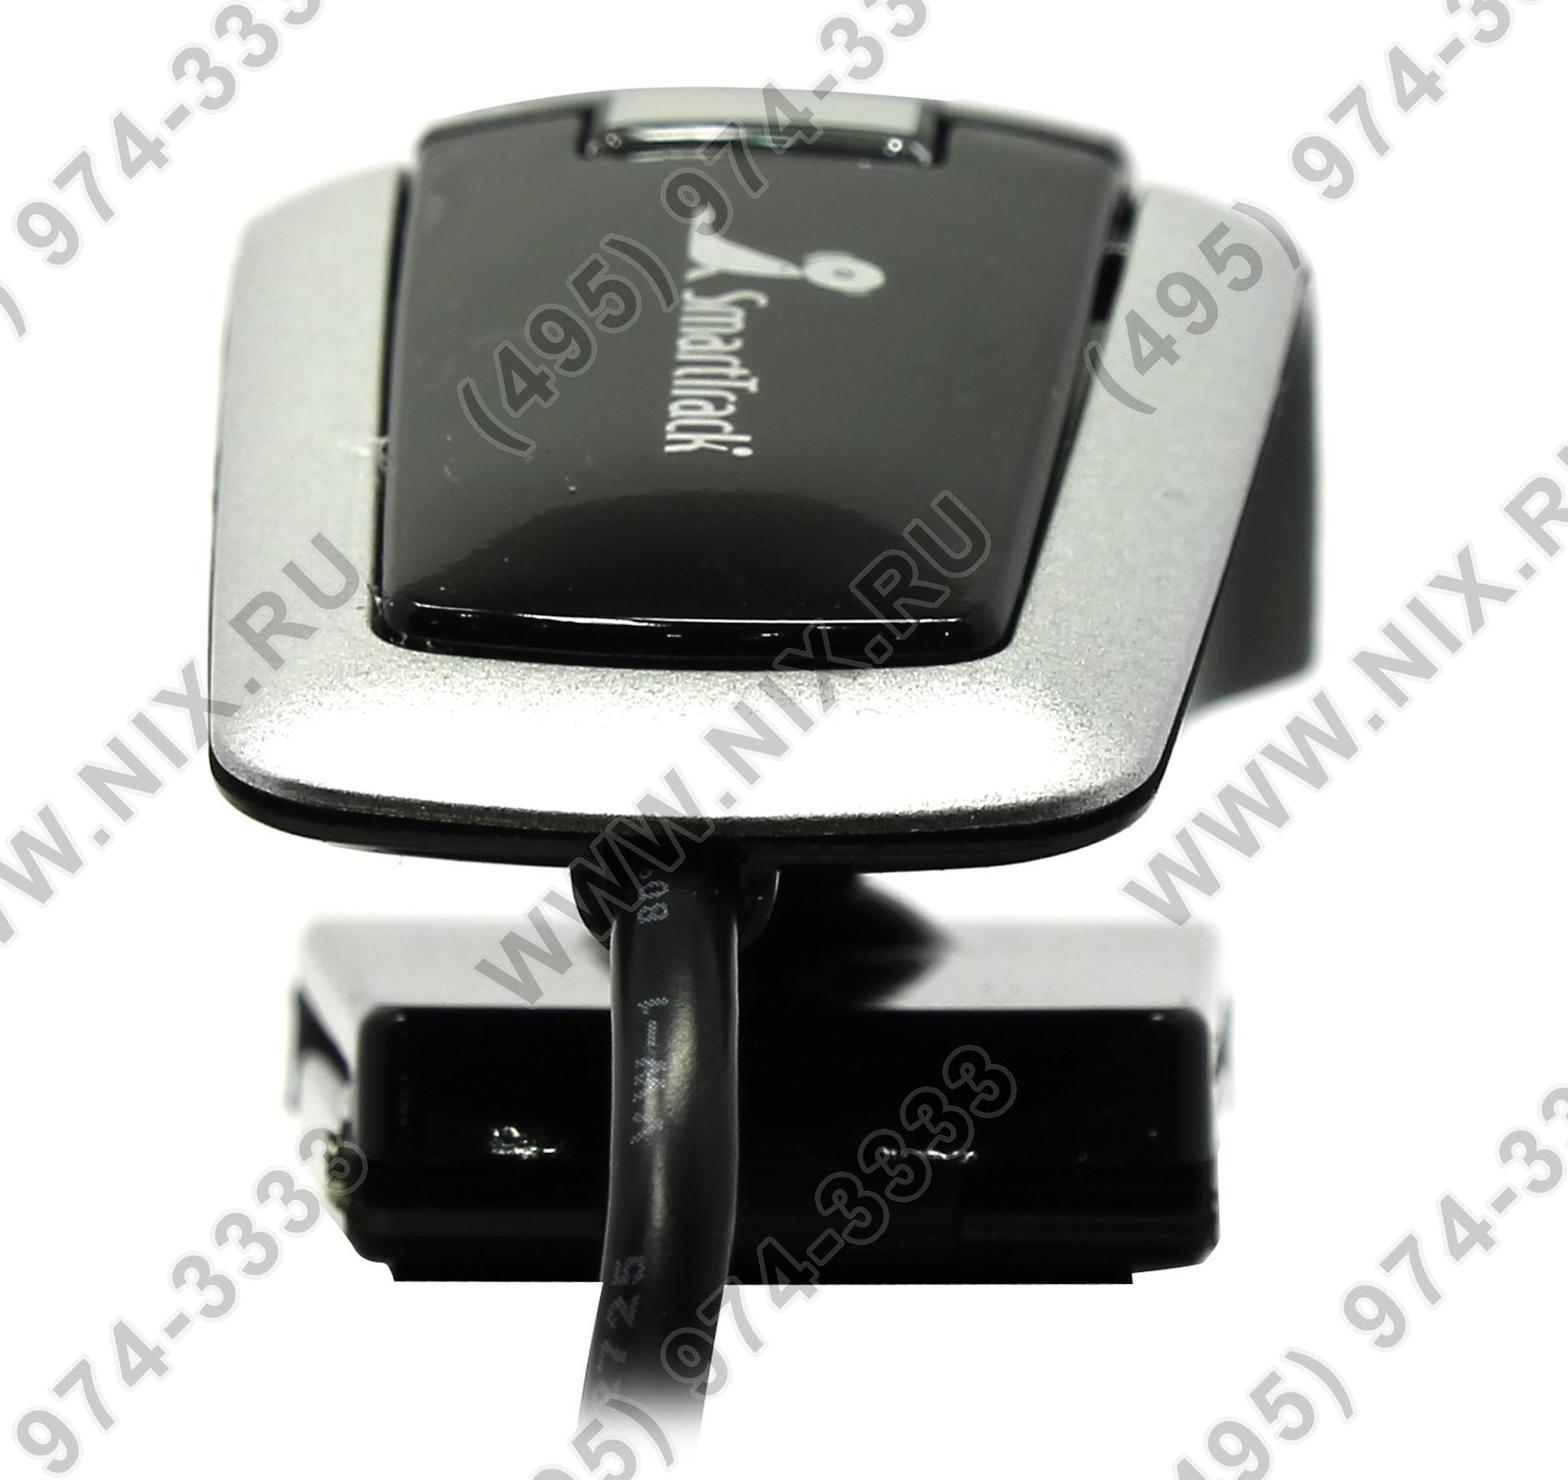 Скачать драйвера для веб камеры smarttrack